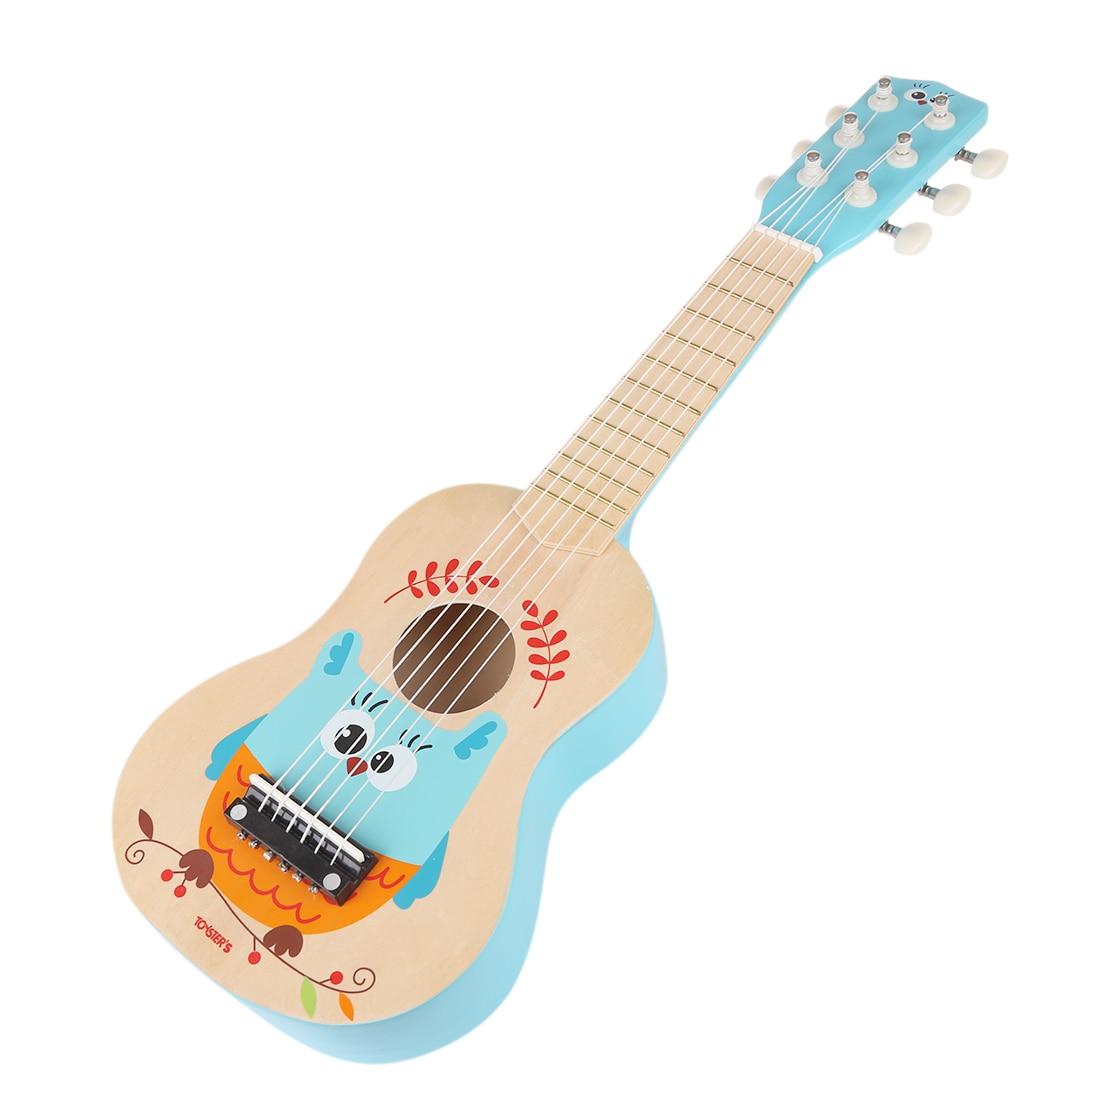 NFSTRIKE 21 Zoll 6 Strings Musical Instrument Gitarre Geschenk Für Kinder Kunststoff Kind Baby Mädchen Gitarre Spielzeug Eule Muster-in Spielzeug-Musikinstrument aus Spielzeug und Hobbys bei